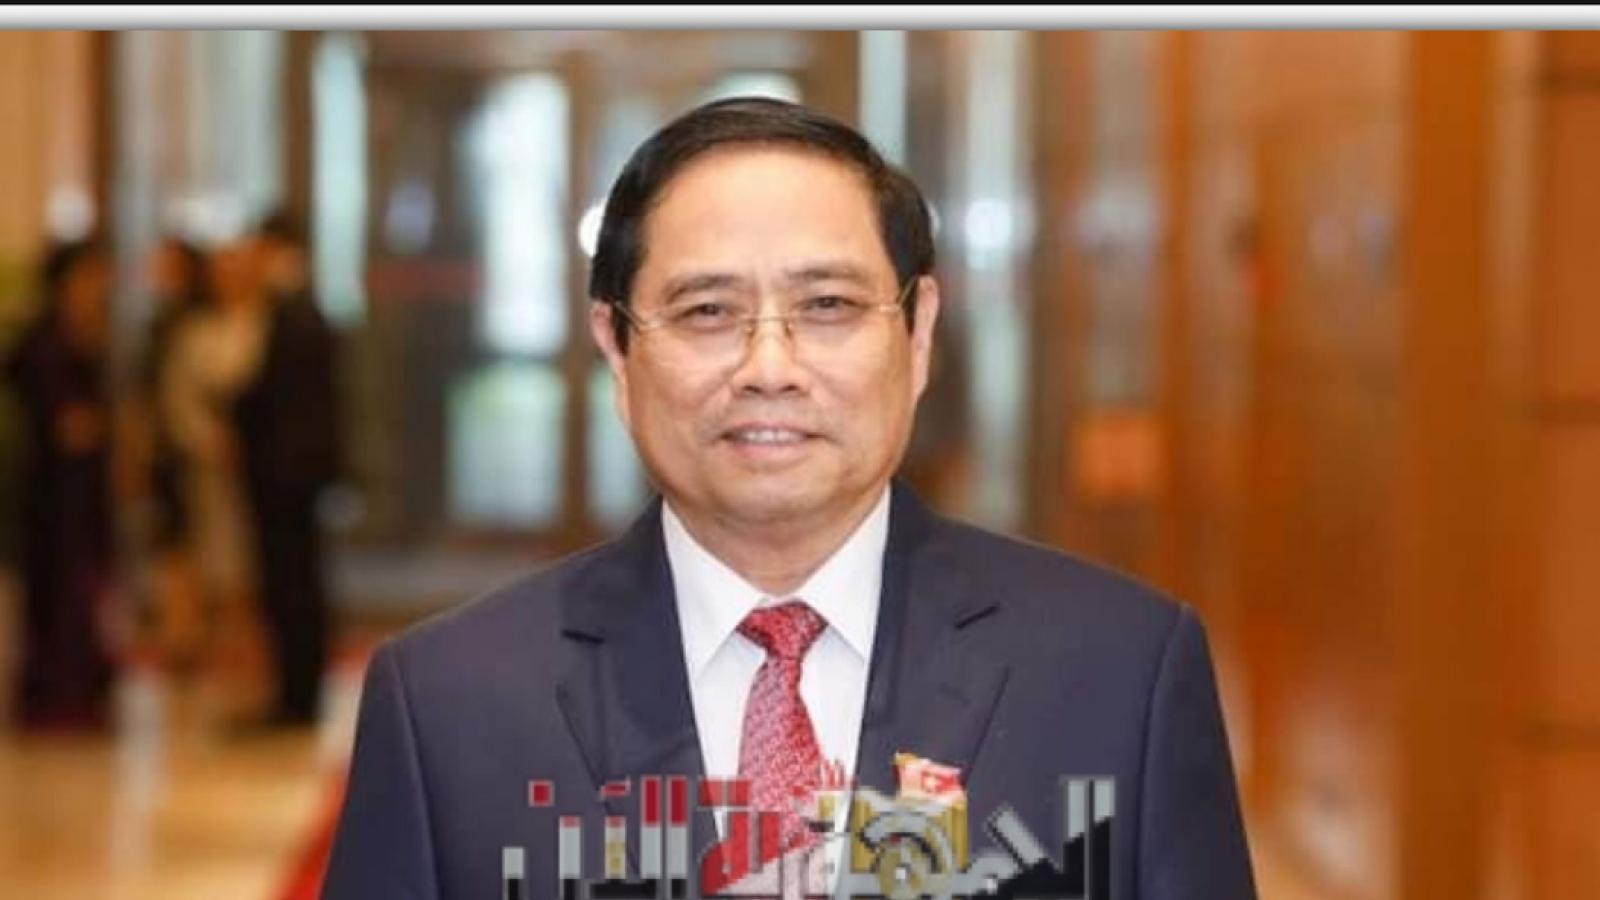 Báo chí Ai Cập đưa tin đậm nét nhân sự cấp cao mới của Việt Nam